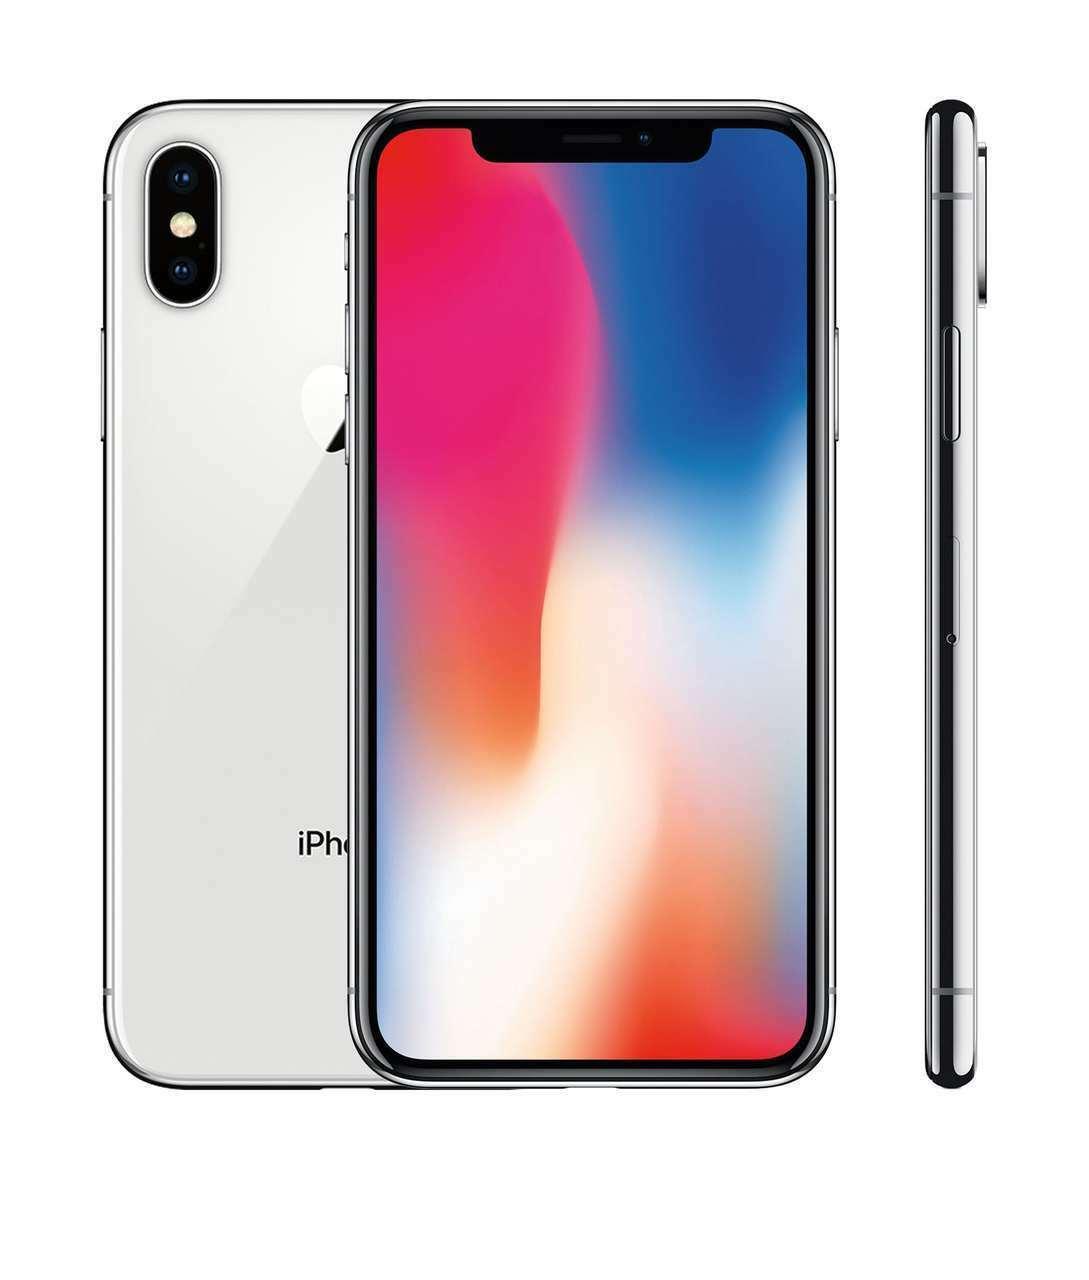 iPhone: APPLE IPHONE X 64GB SILVER RICONDIZIONATO GRADO AB + GARANZIA 12 MESI, ACCESSORI